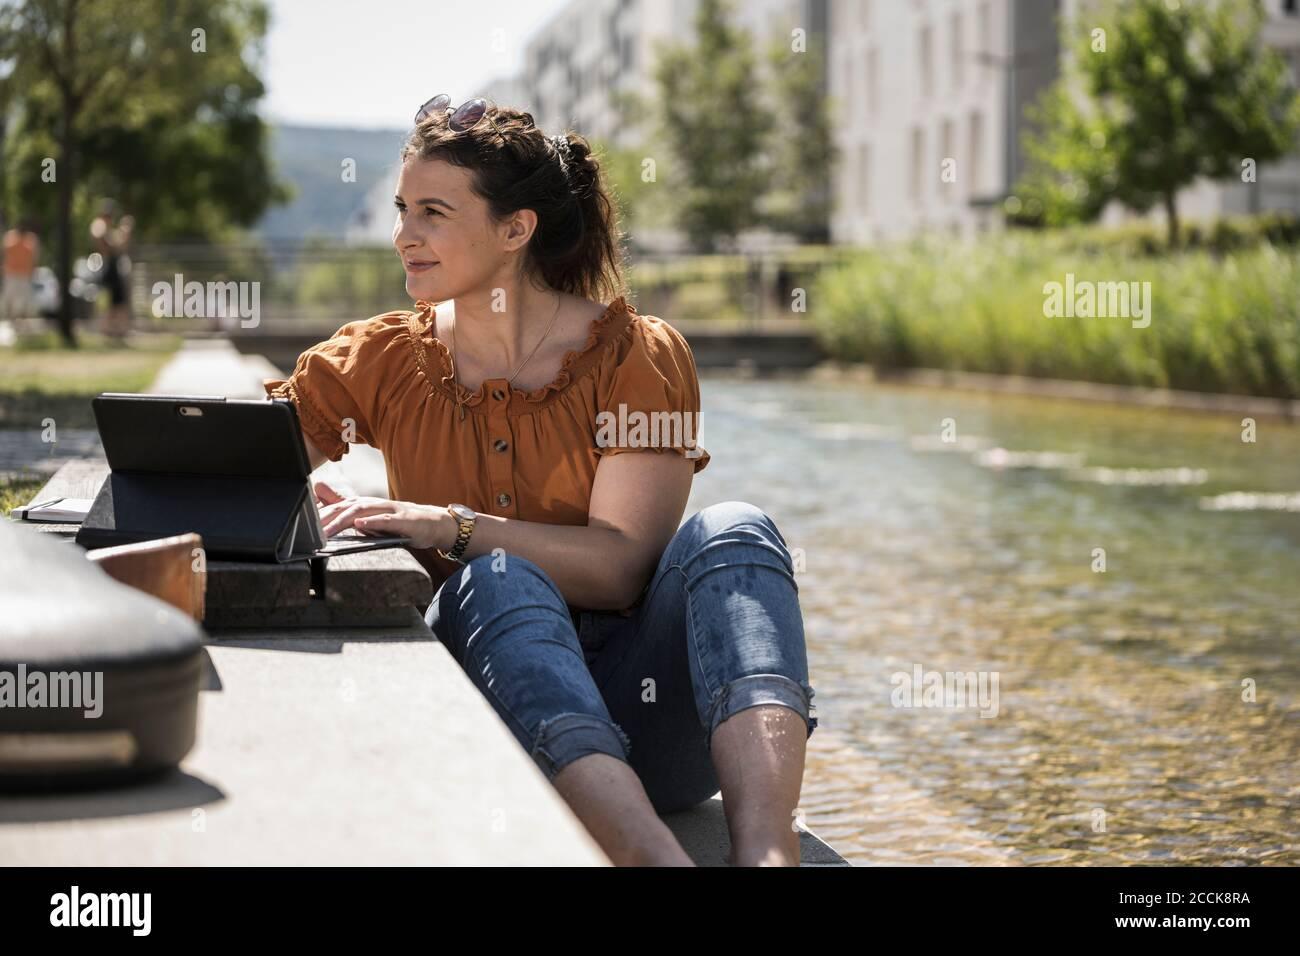 Femme attentionnés avec un ordinateur portable assis près d'un étang dans le parc pendant jour ensoleillé Banque D'Images